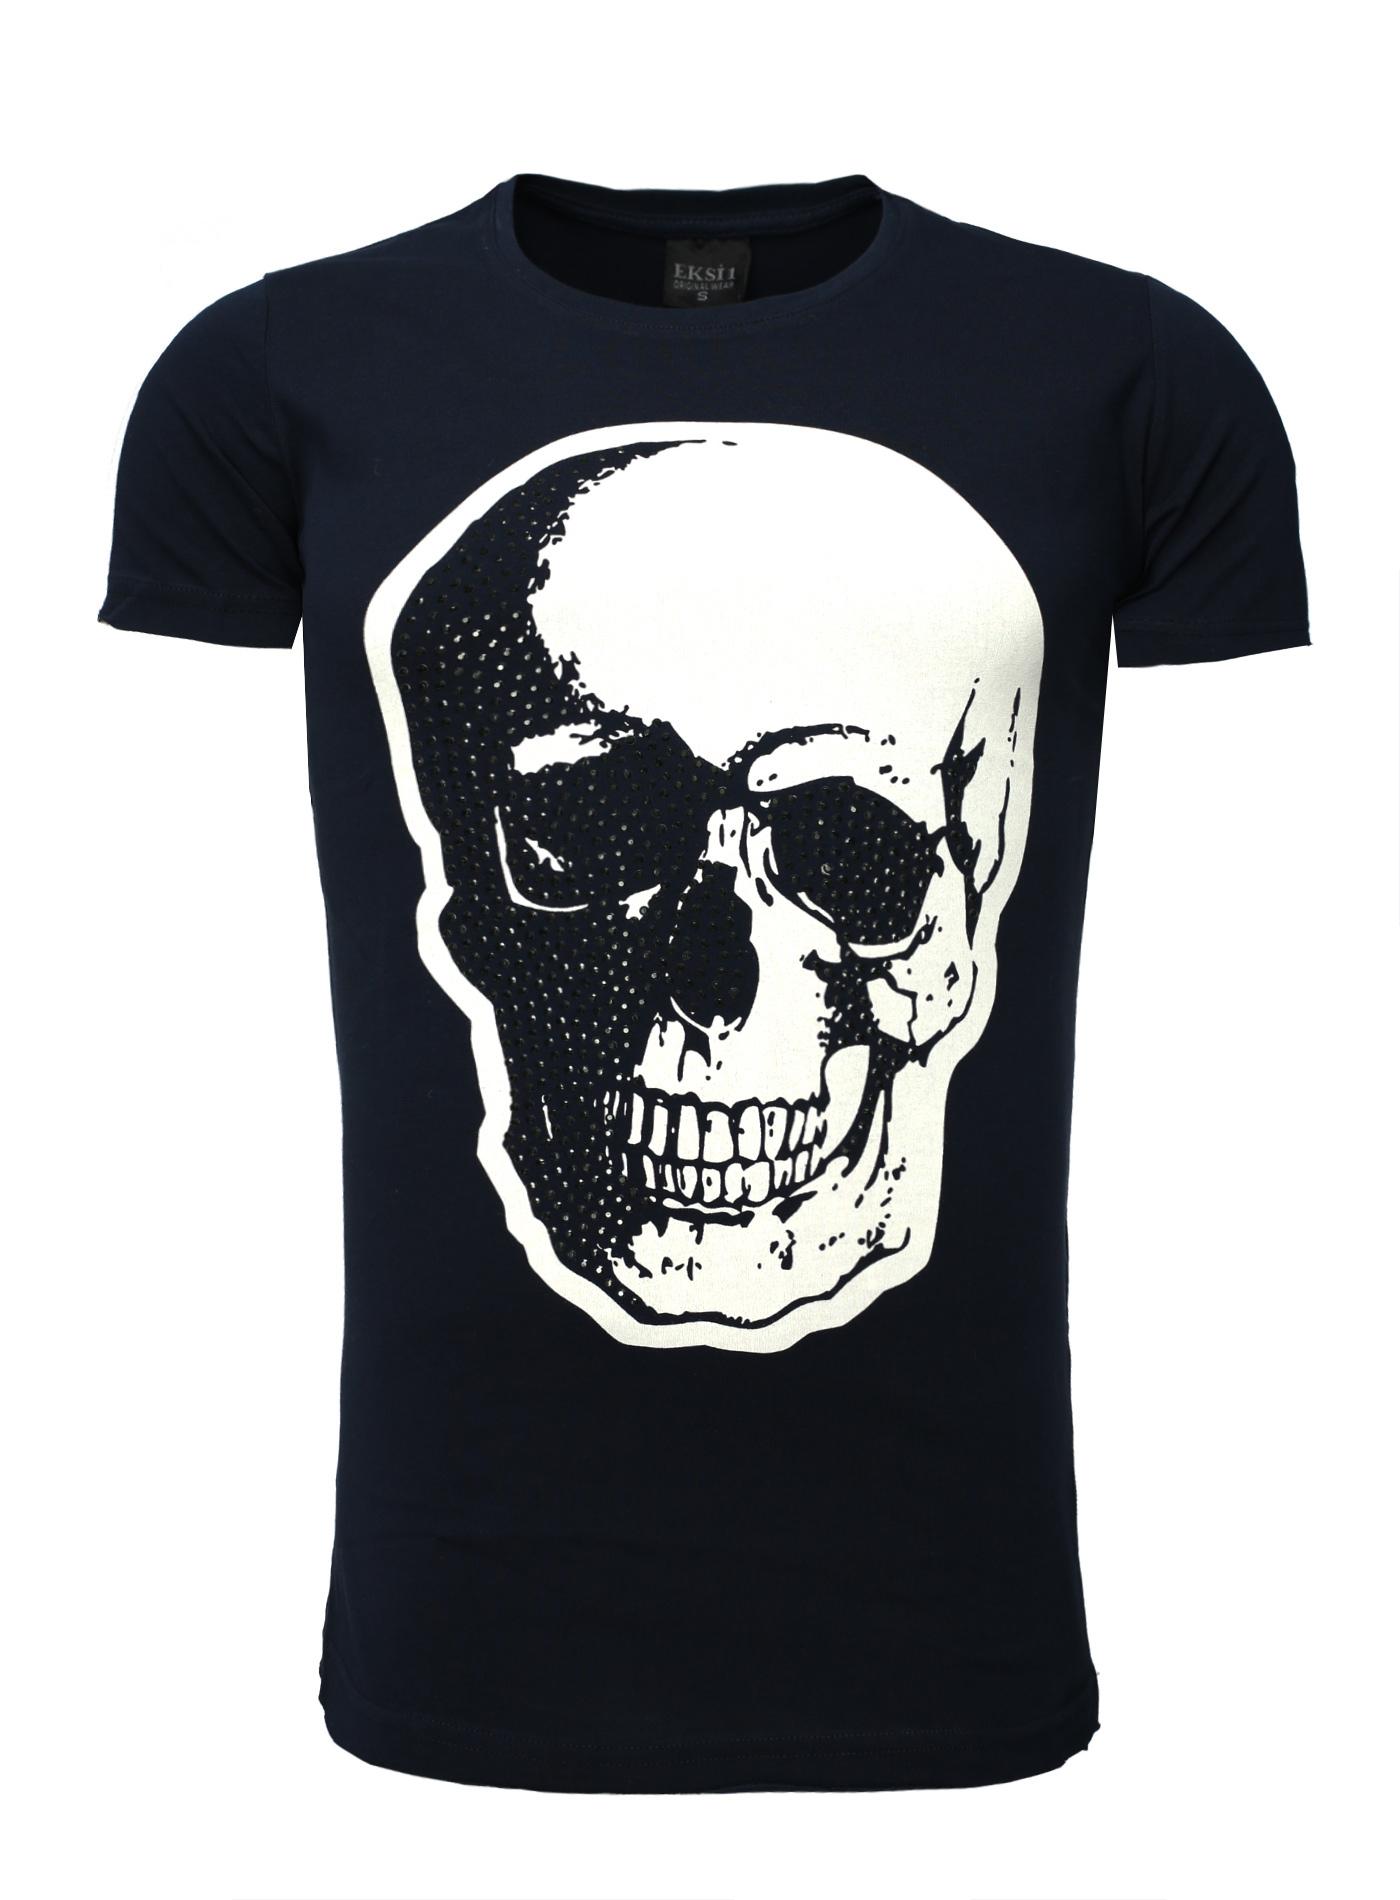 Kostenlose T-Shirts oder T-Shirts für ein paar Euro